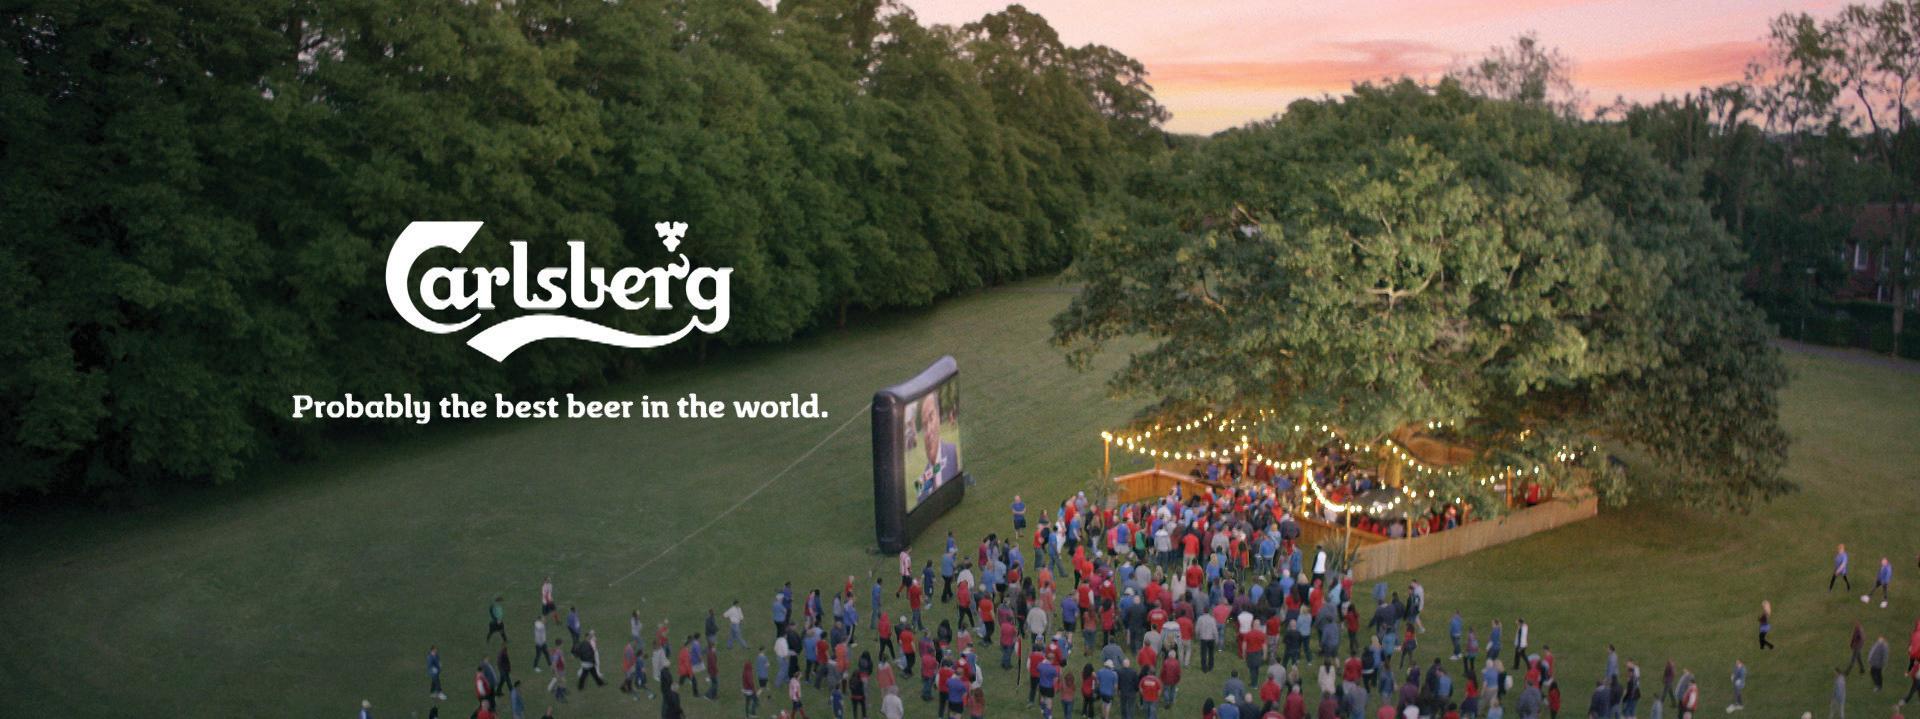 Carlsberg pic